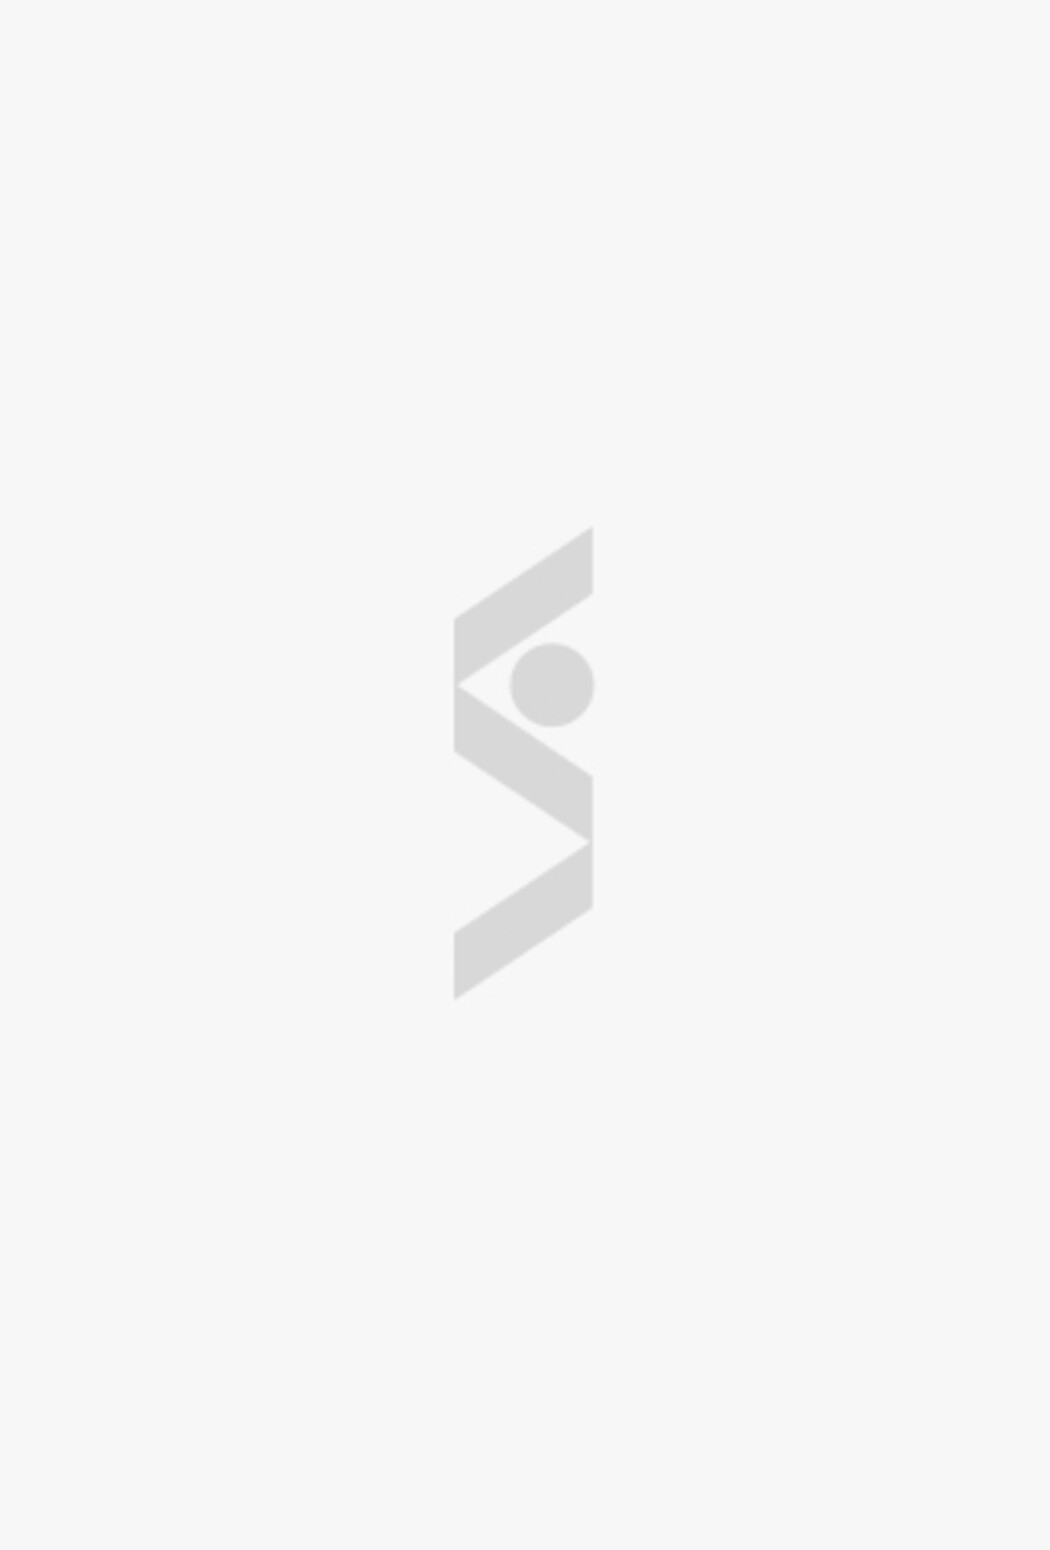 Косметика ателье где купить в париже купить mac косметику в ростове